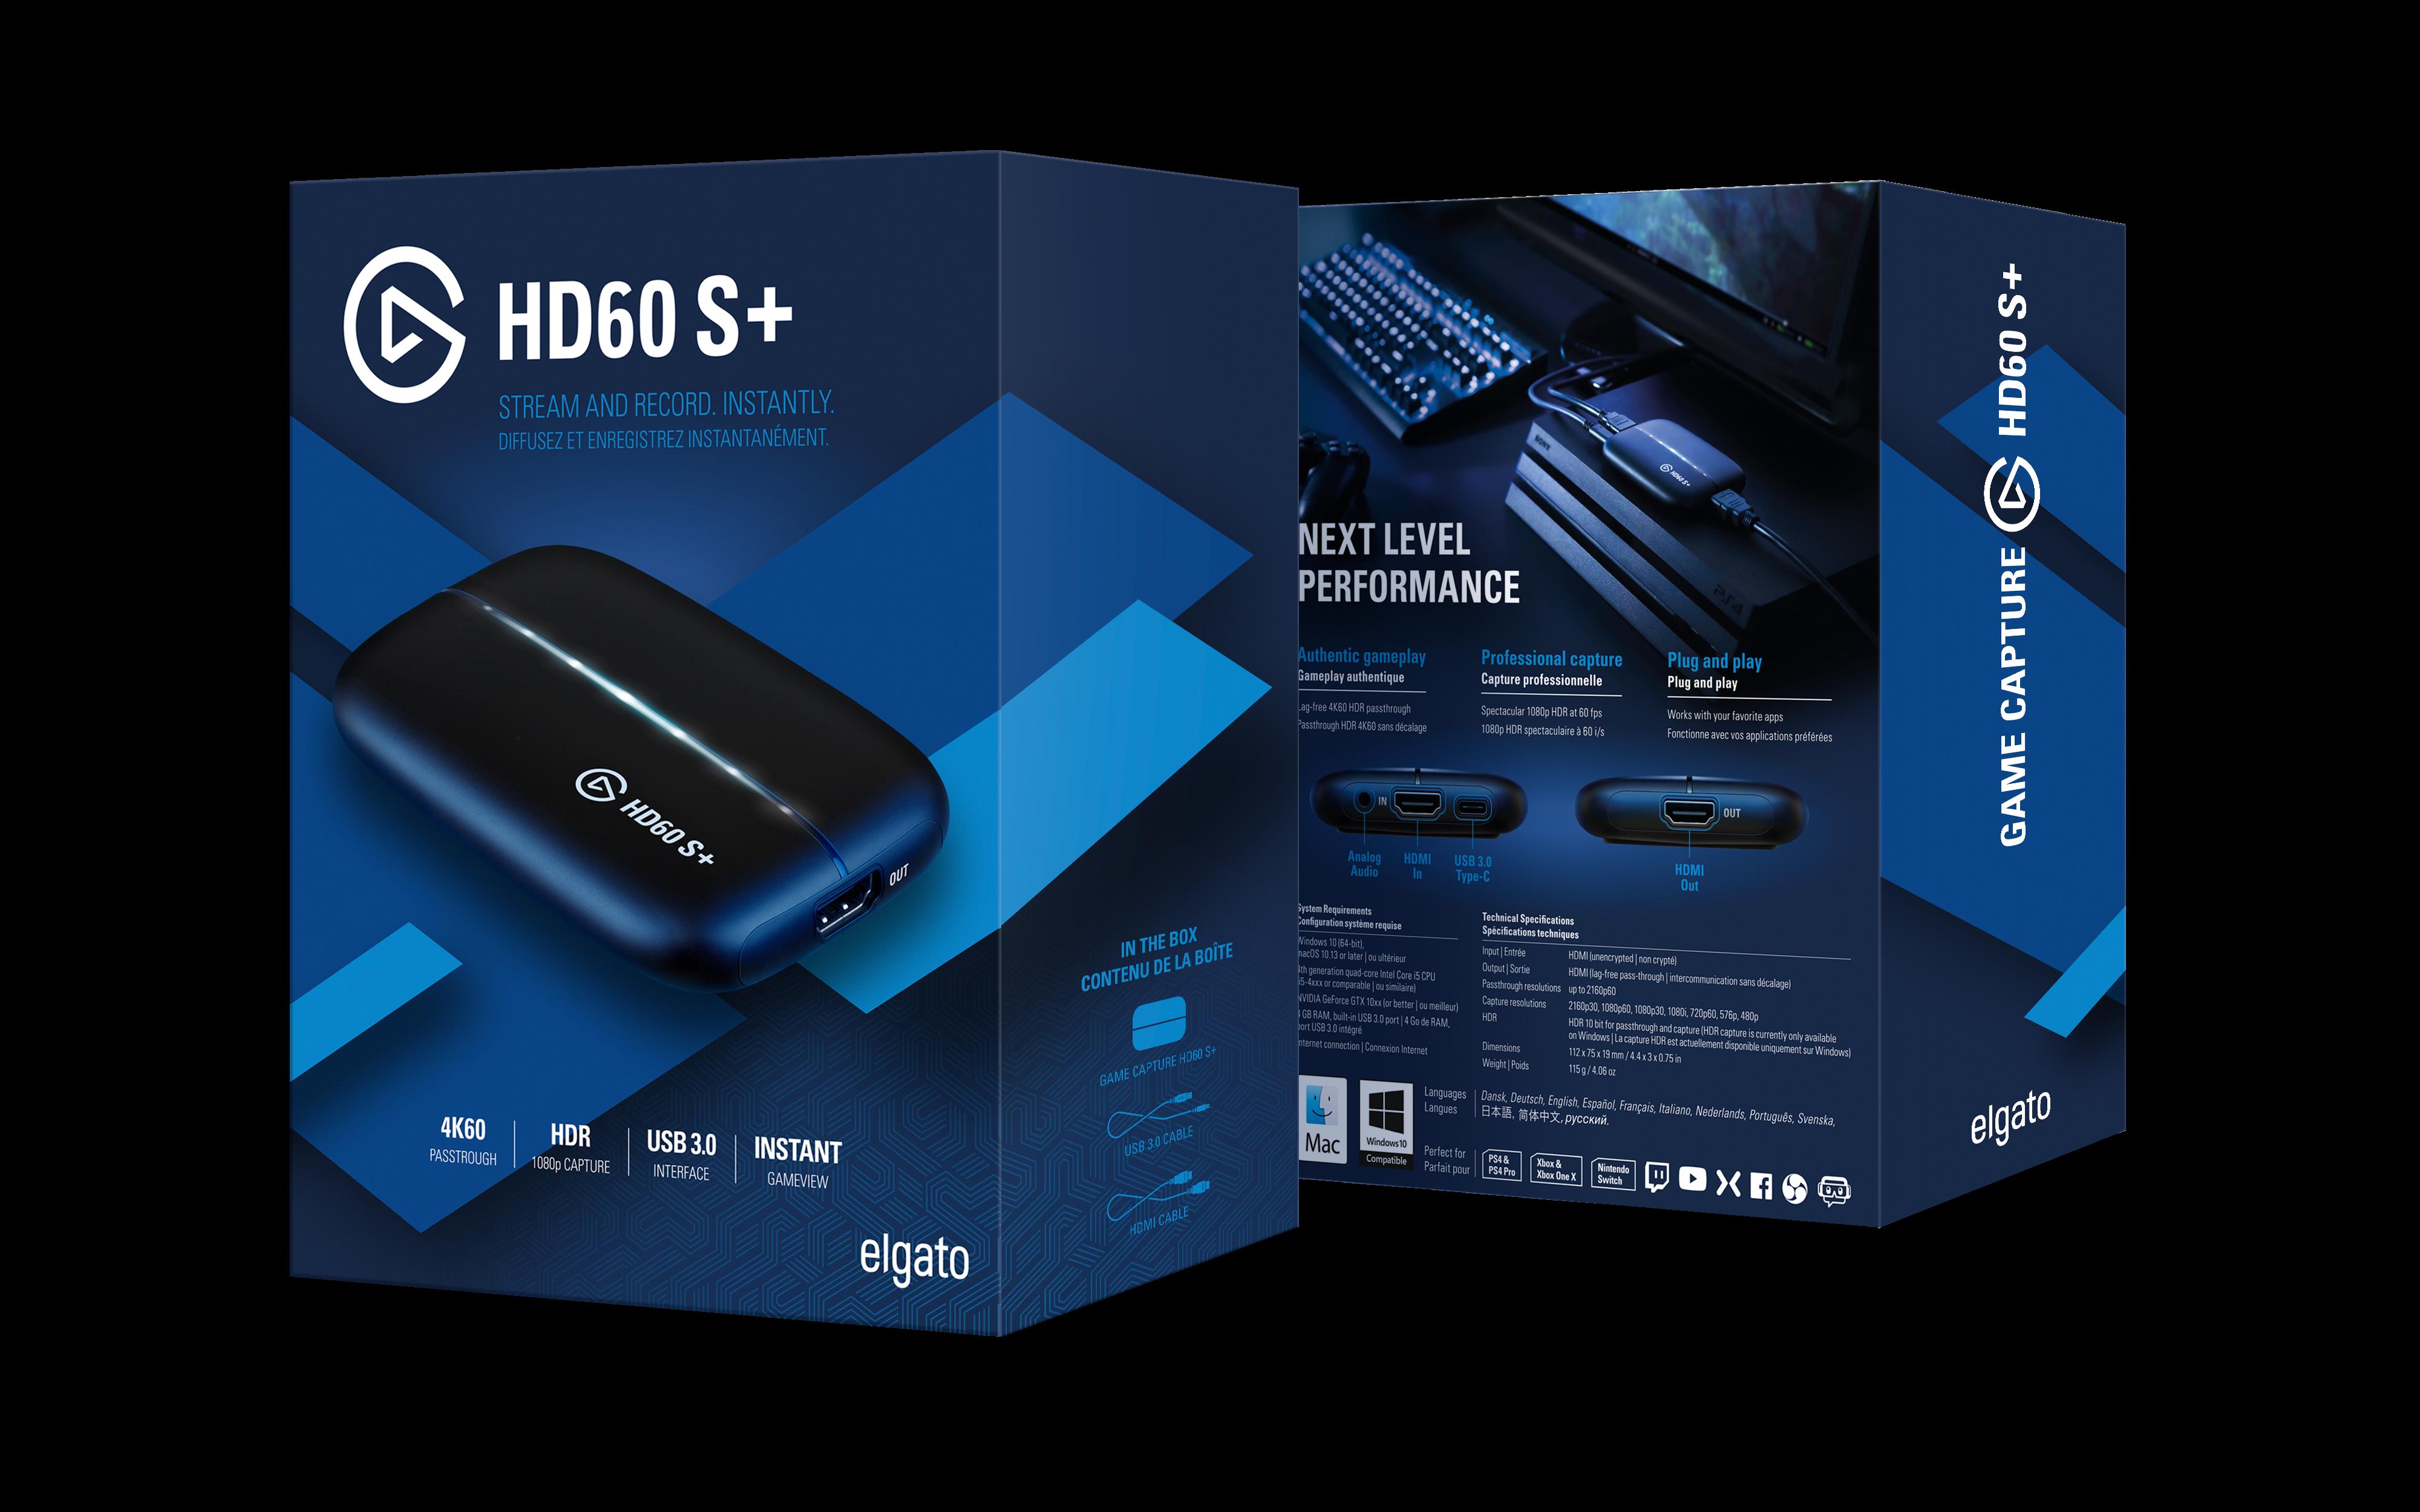 HD60 S+ myyntipakkaus